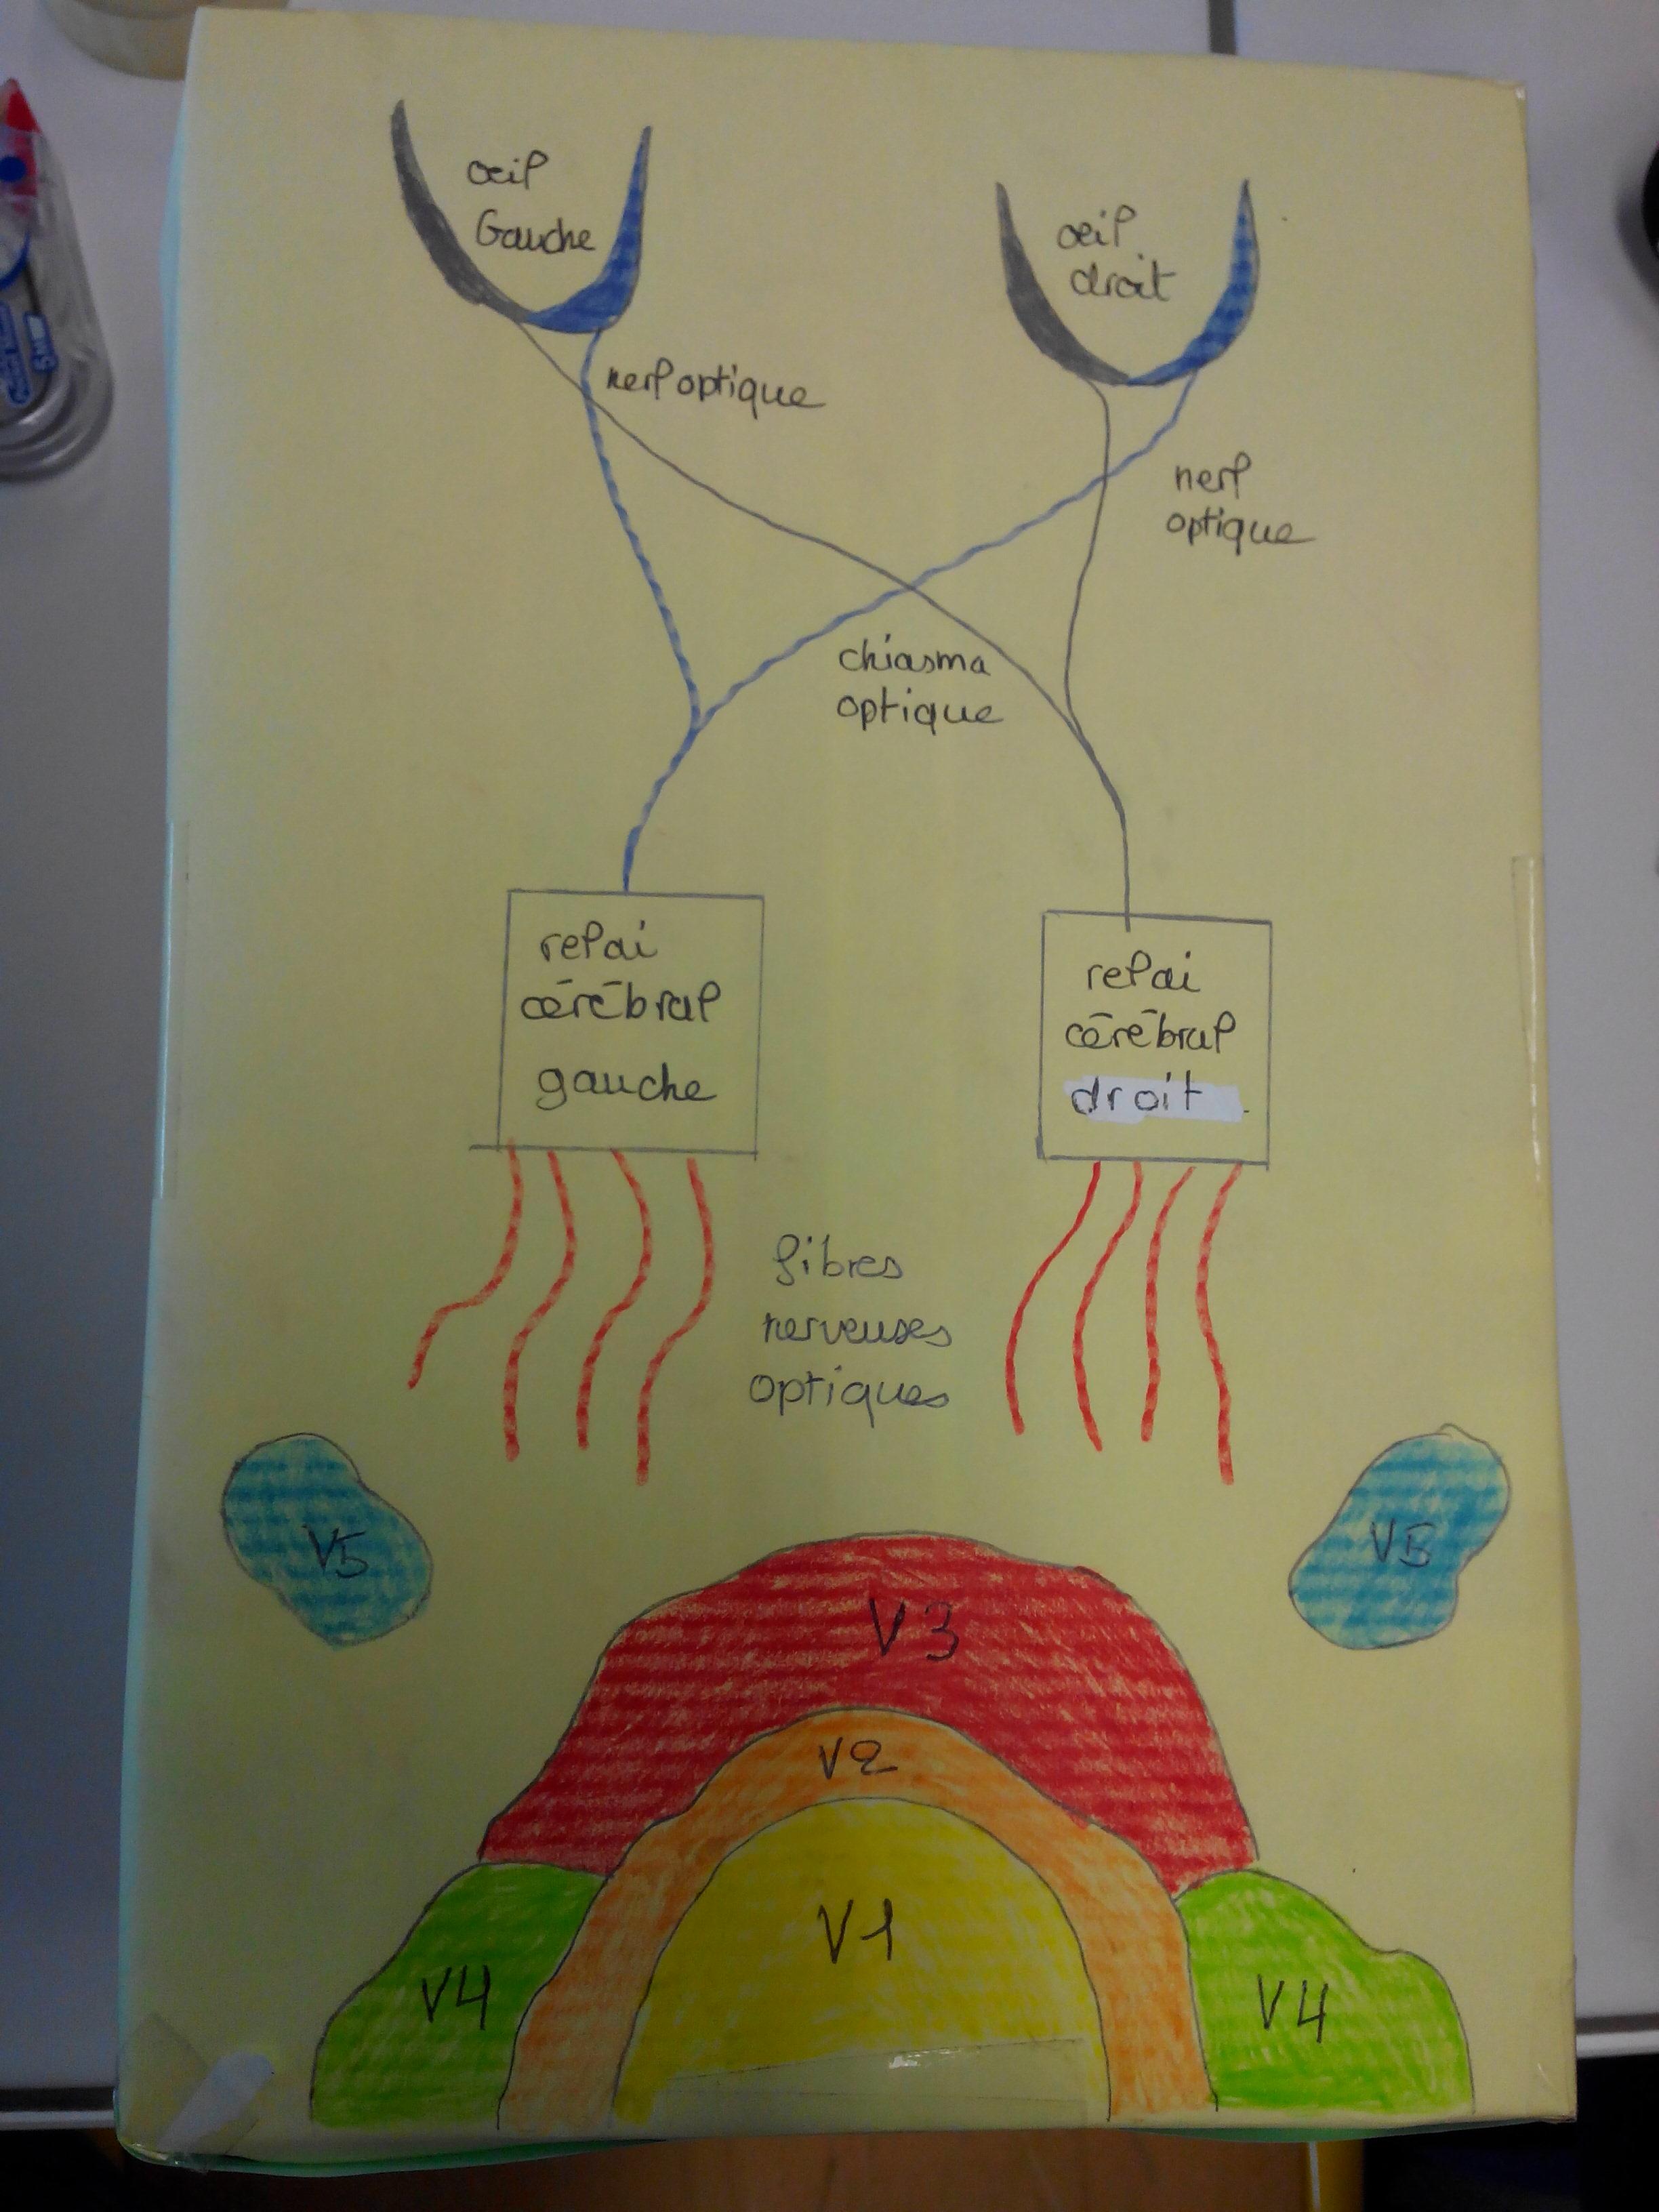 modelisation-des-voies-visuelles-et-des-aires-visuelles-svt-1ere-1